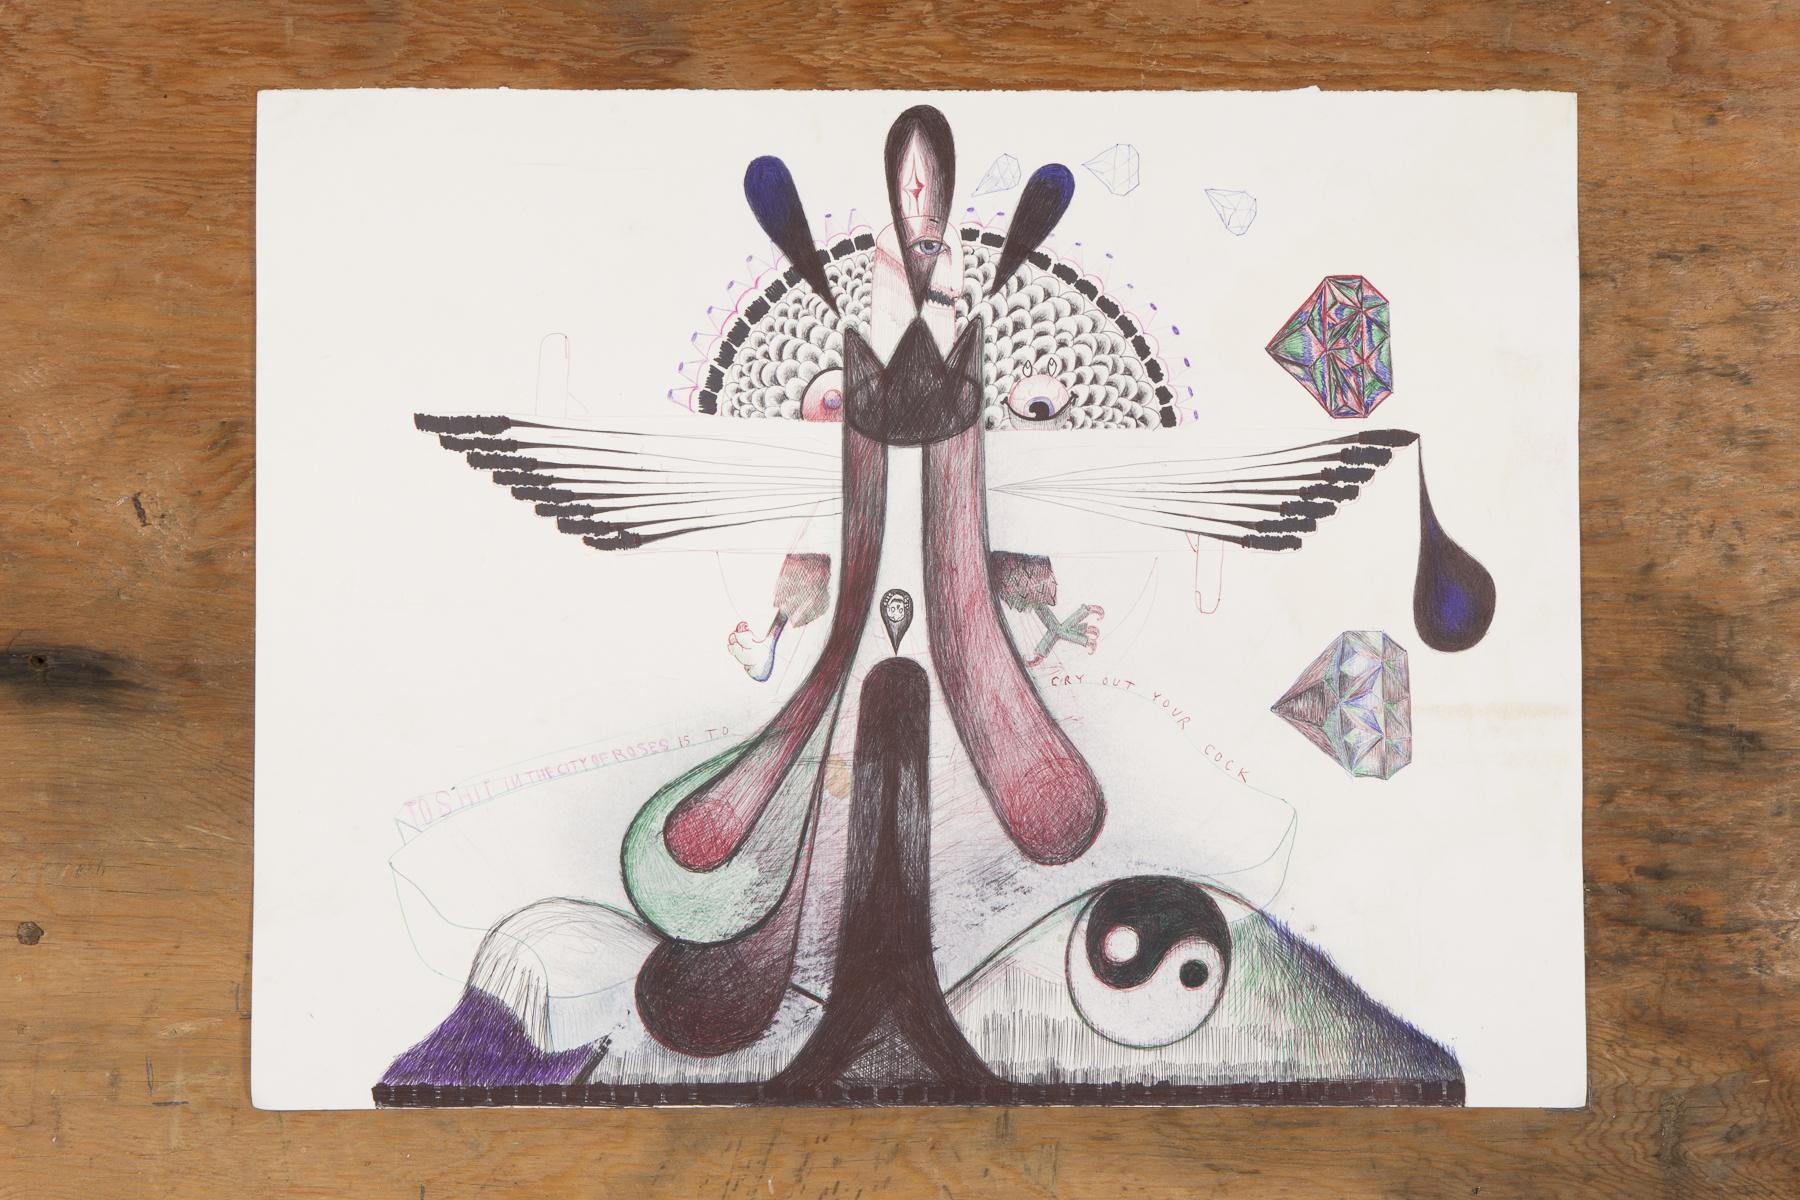 Paintallica_Drawings_048.jpg